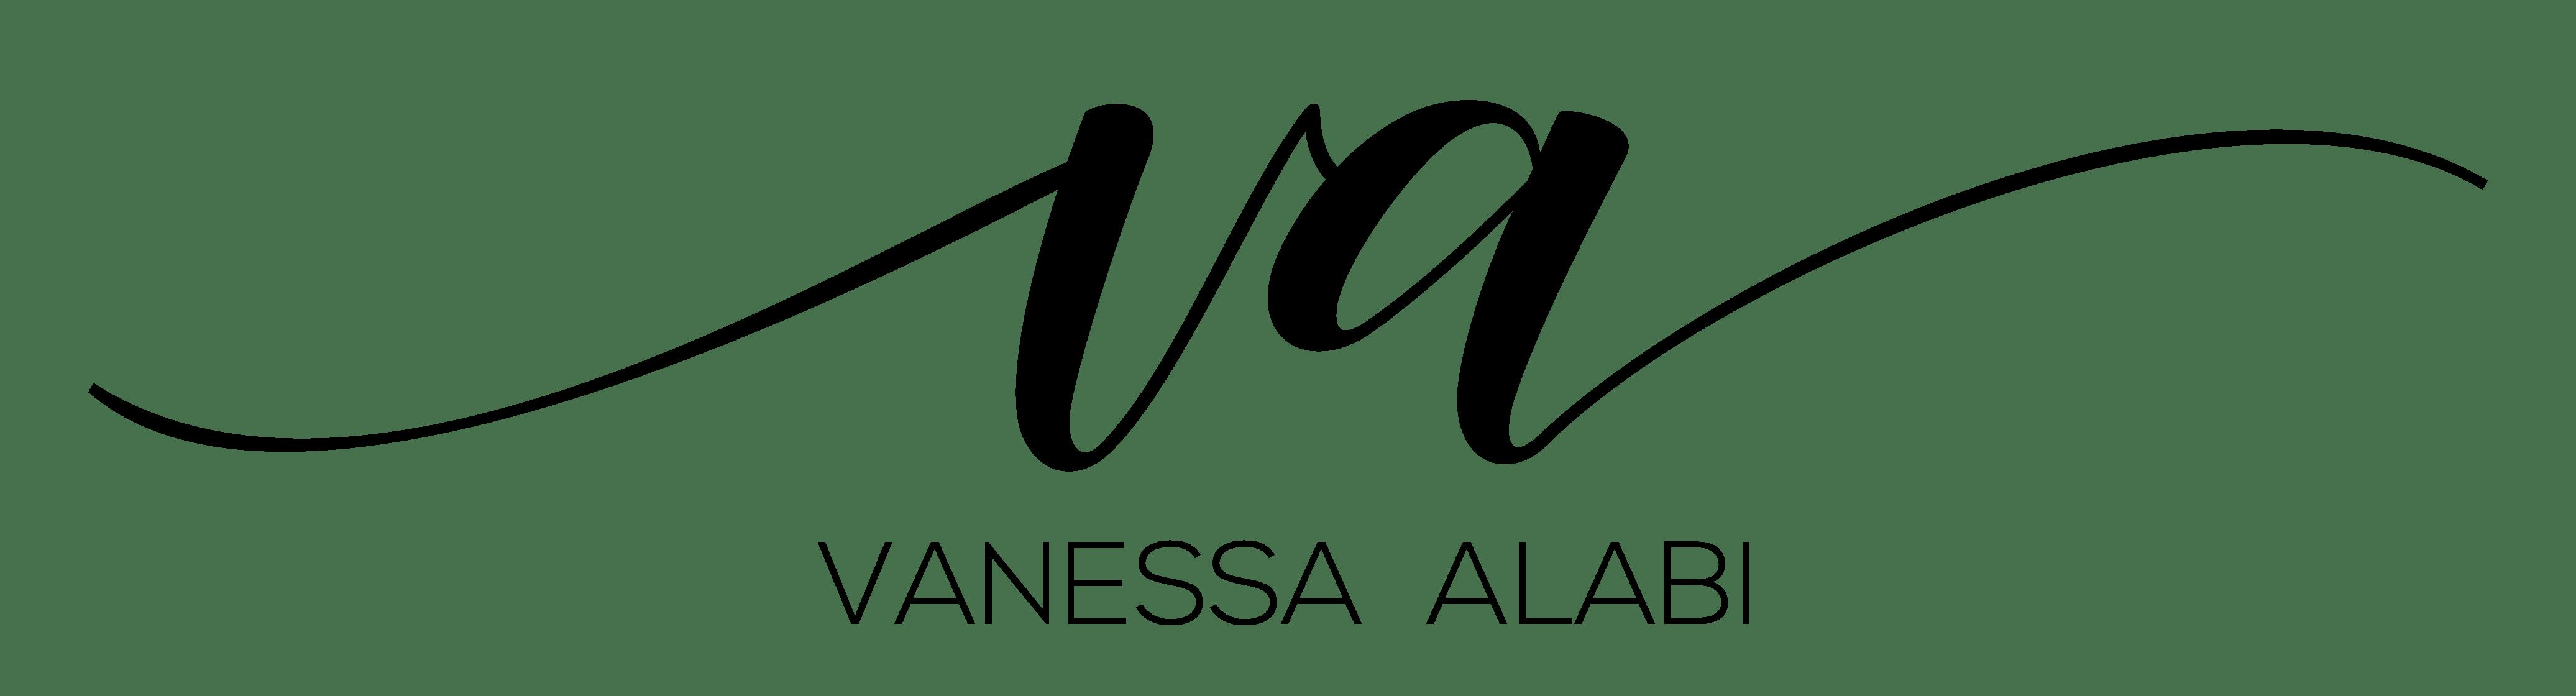 Vanessa Alabi